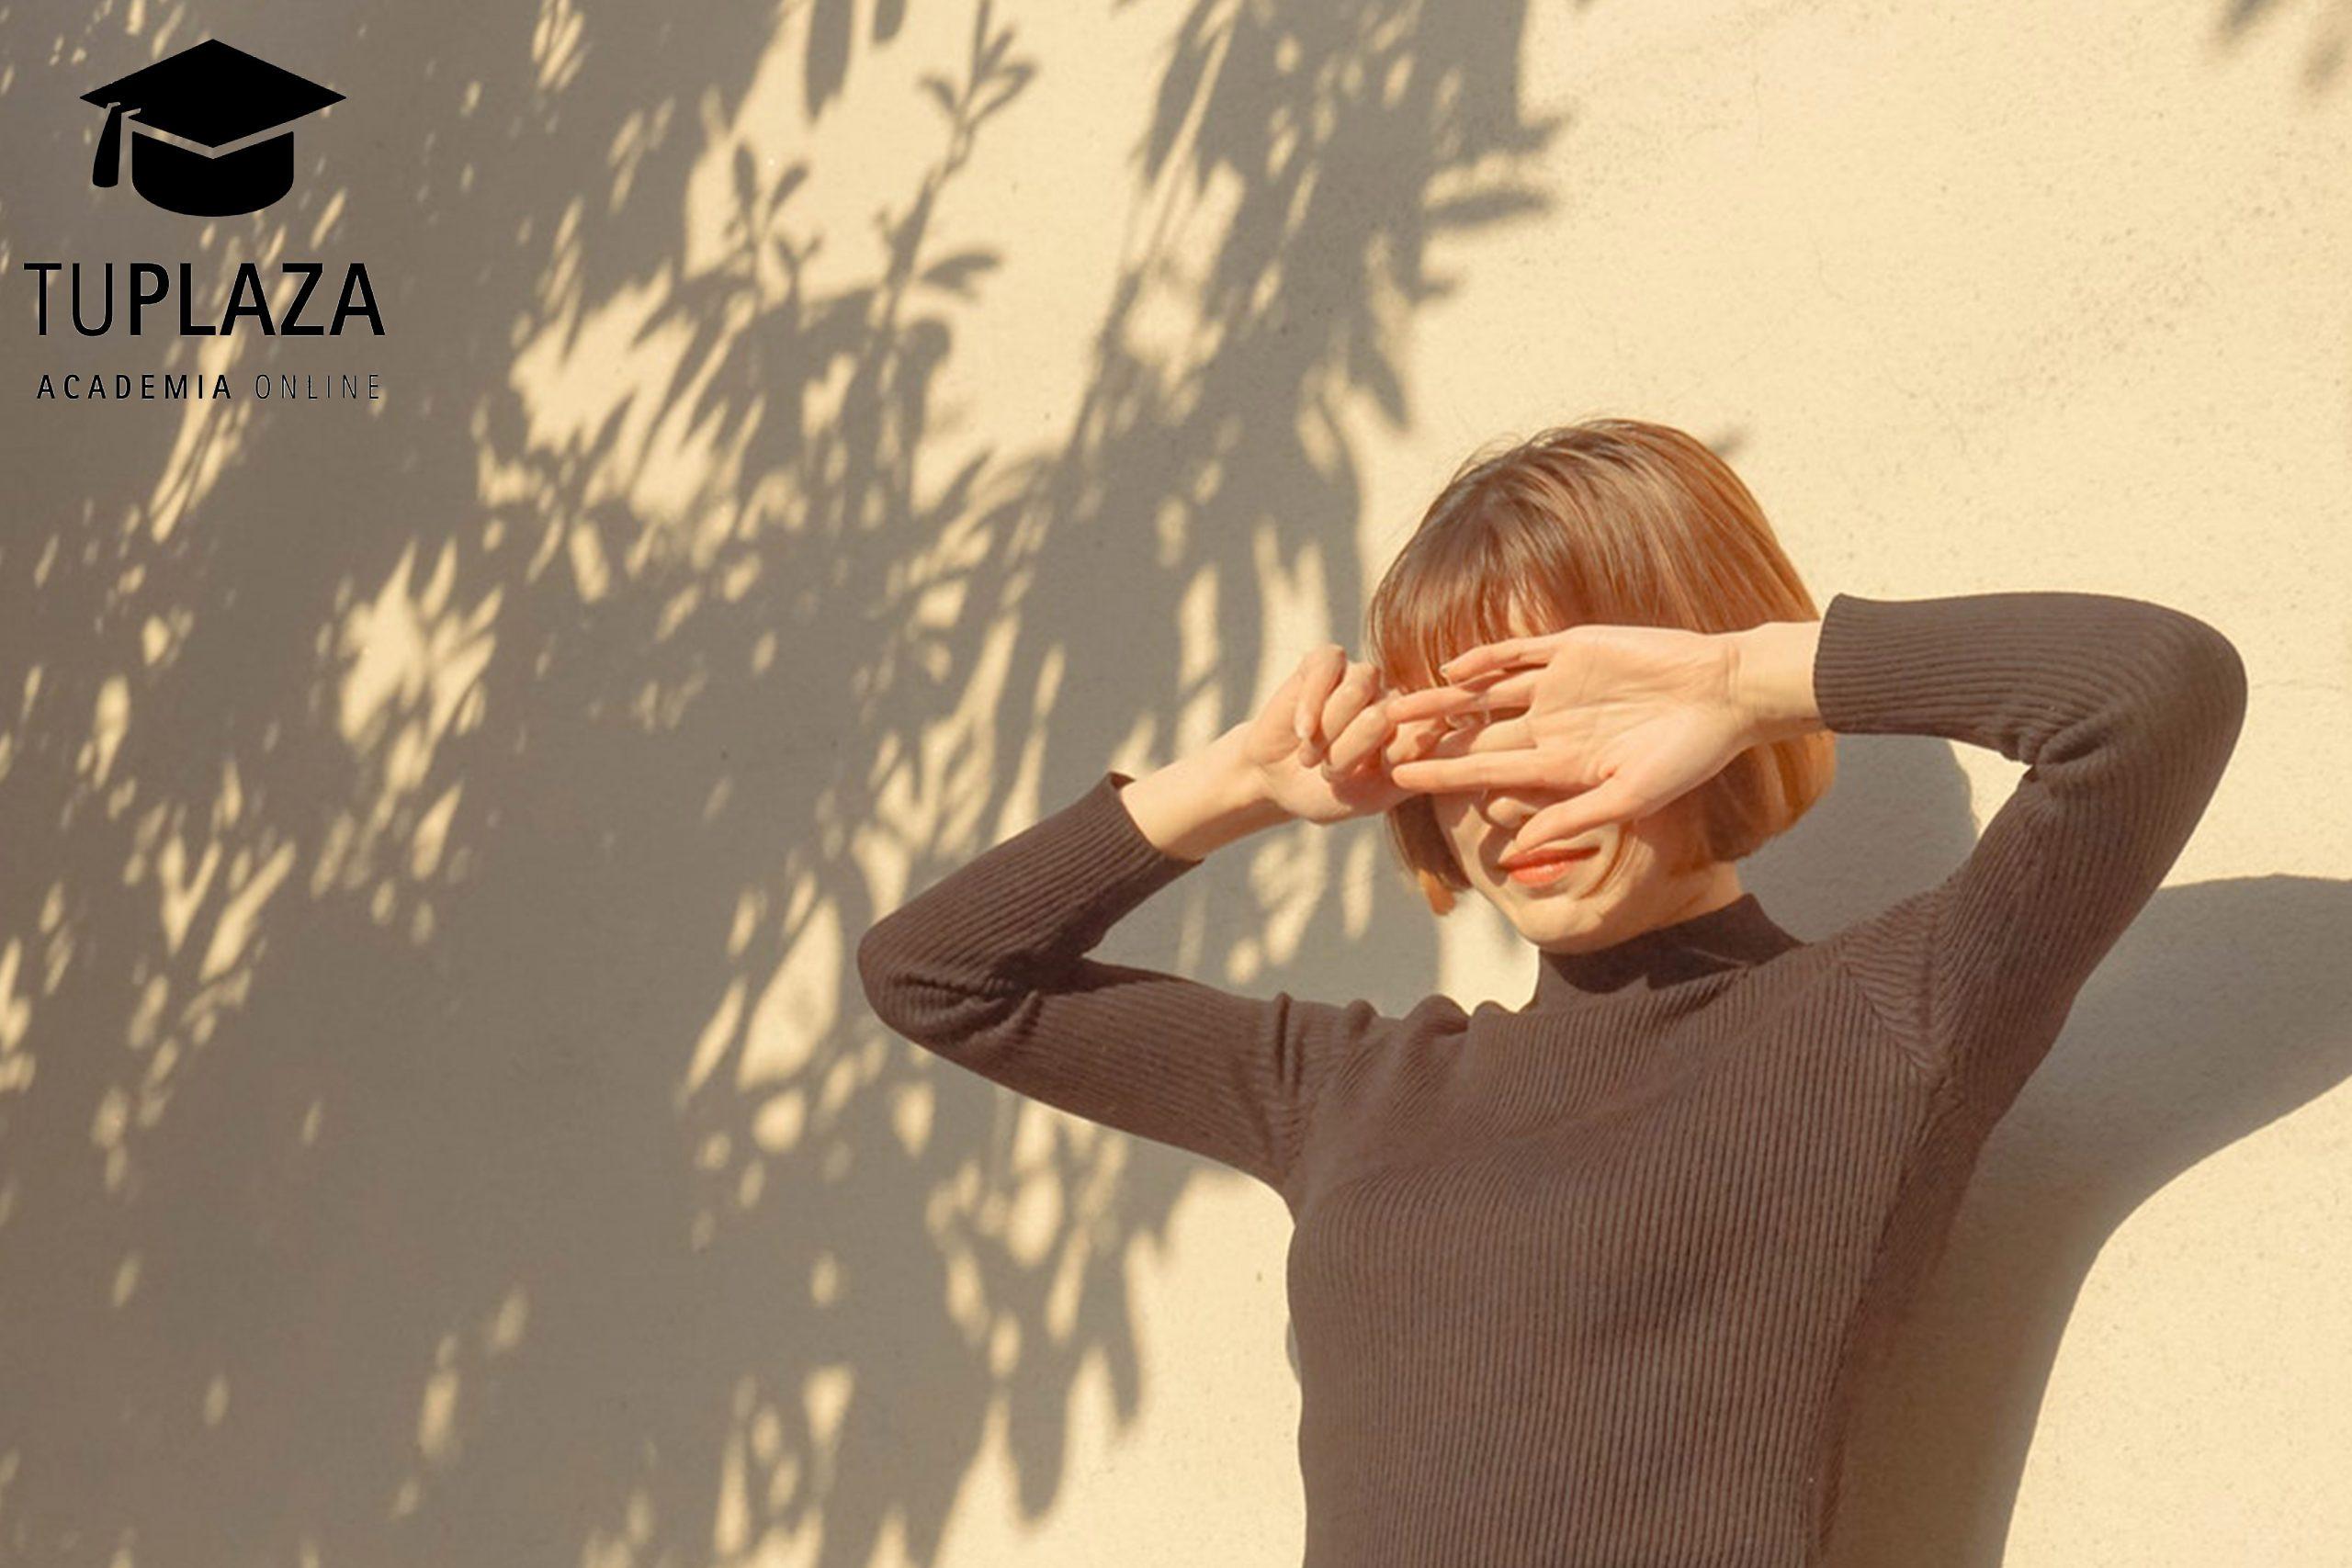 01-La vitamina D y cómo puede ayudarnos en nuestros estudios